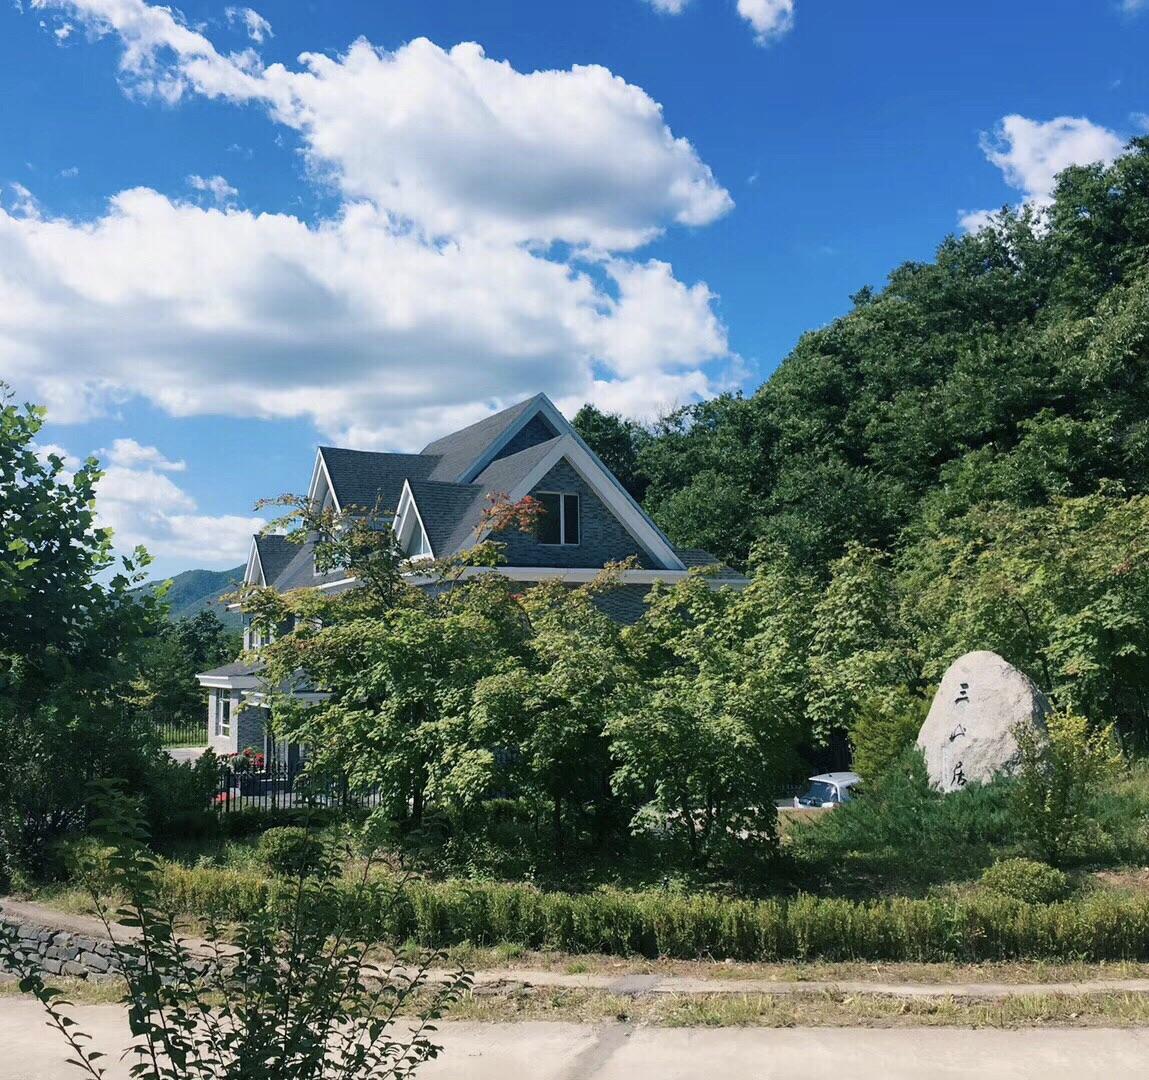 Shanshui Manor